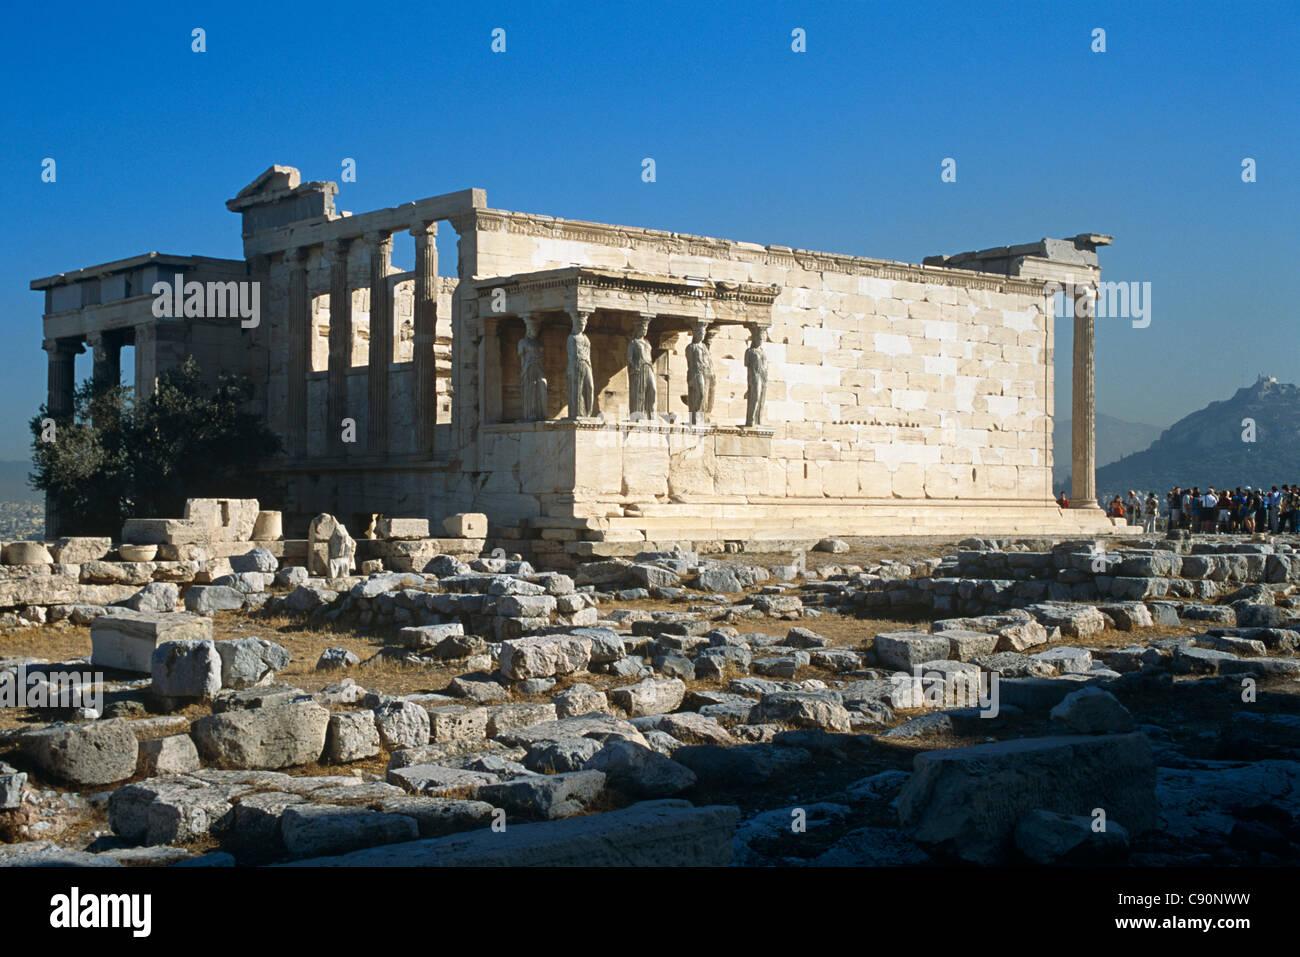 La Acrópolis de Atenas, la Roca Sagrada es un rematado roca que se eleva a  150 m sobre el nivel del mar en la ciudad de Atenas. El